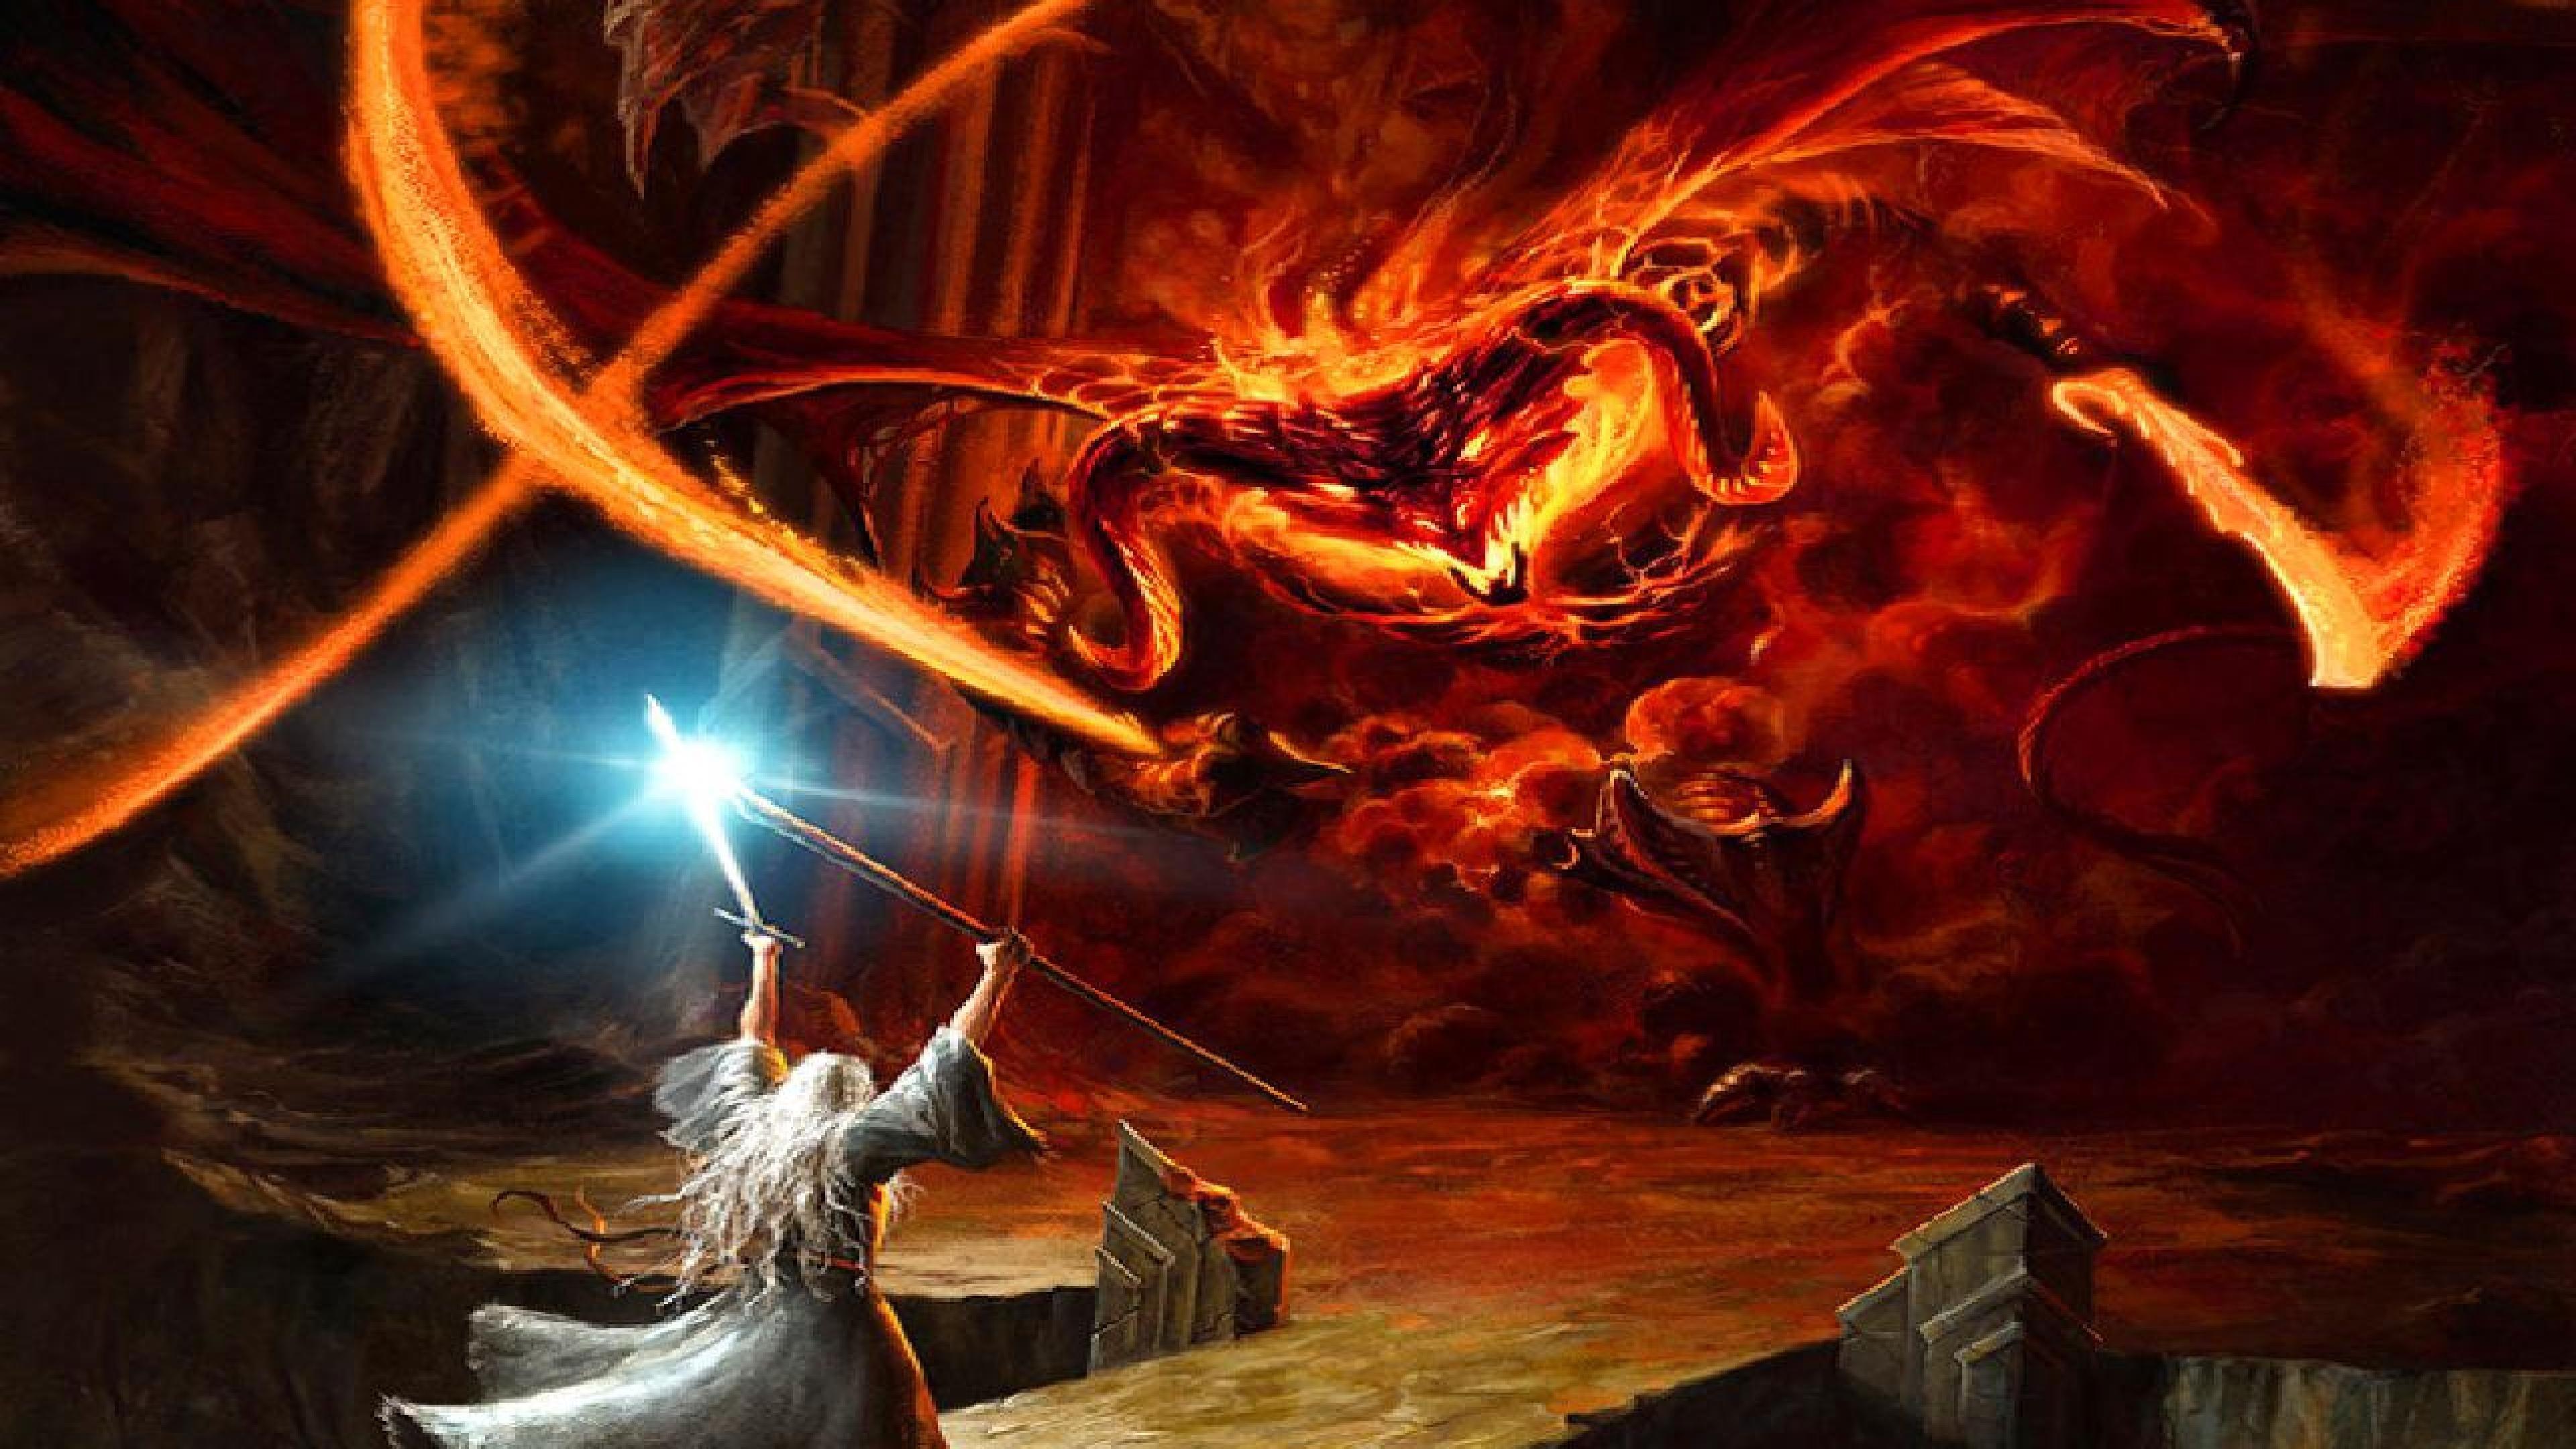 Balrog Gandalf